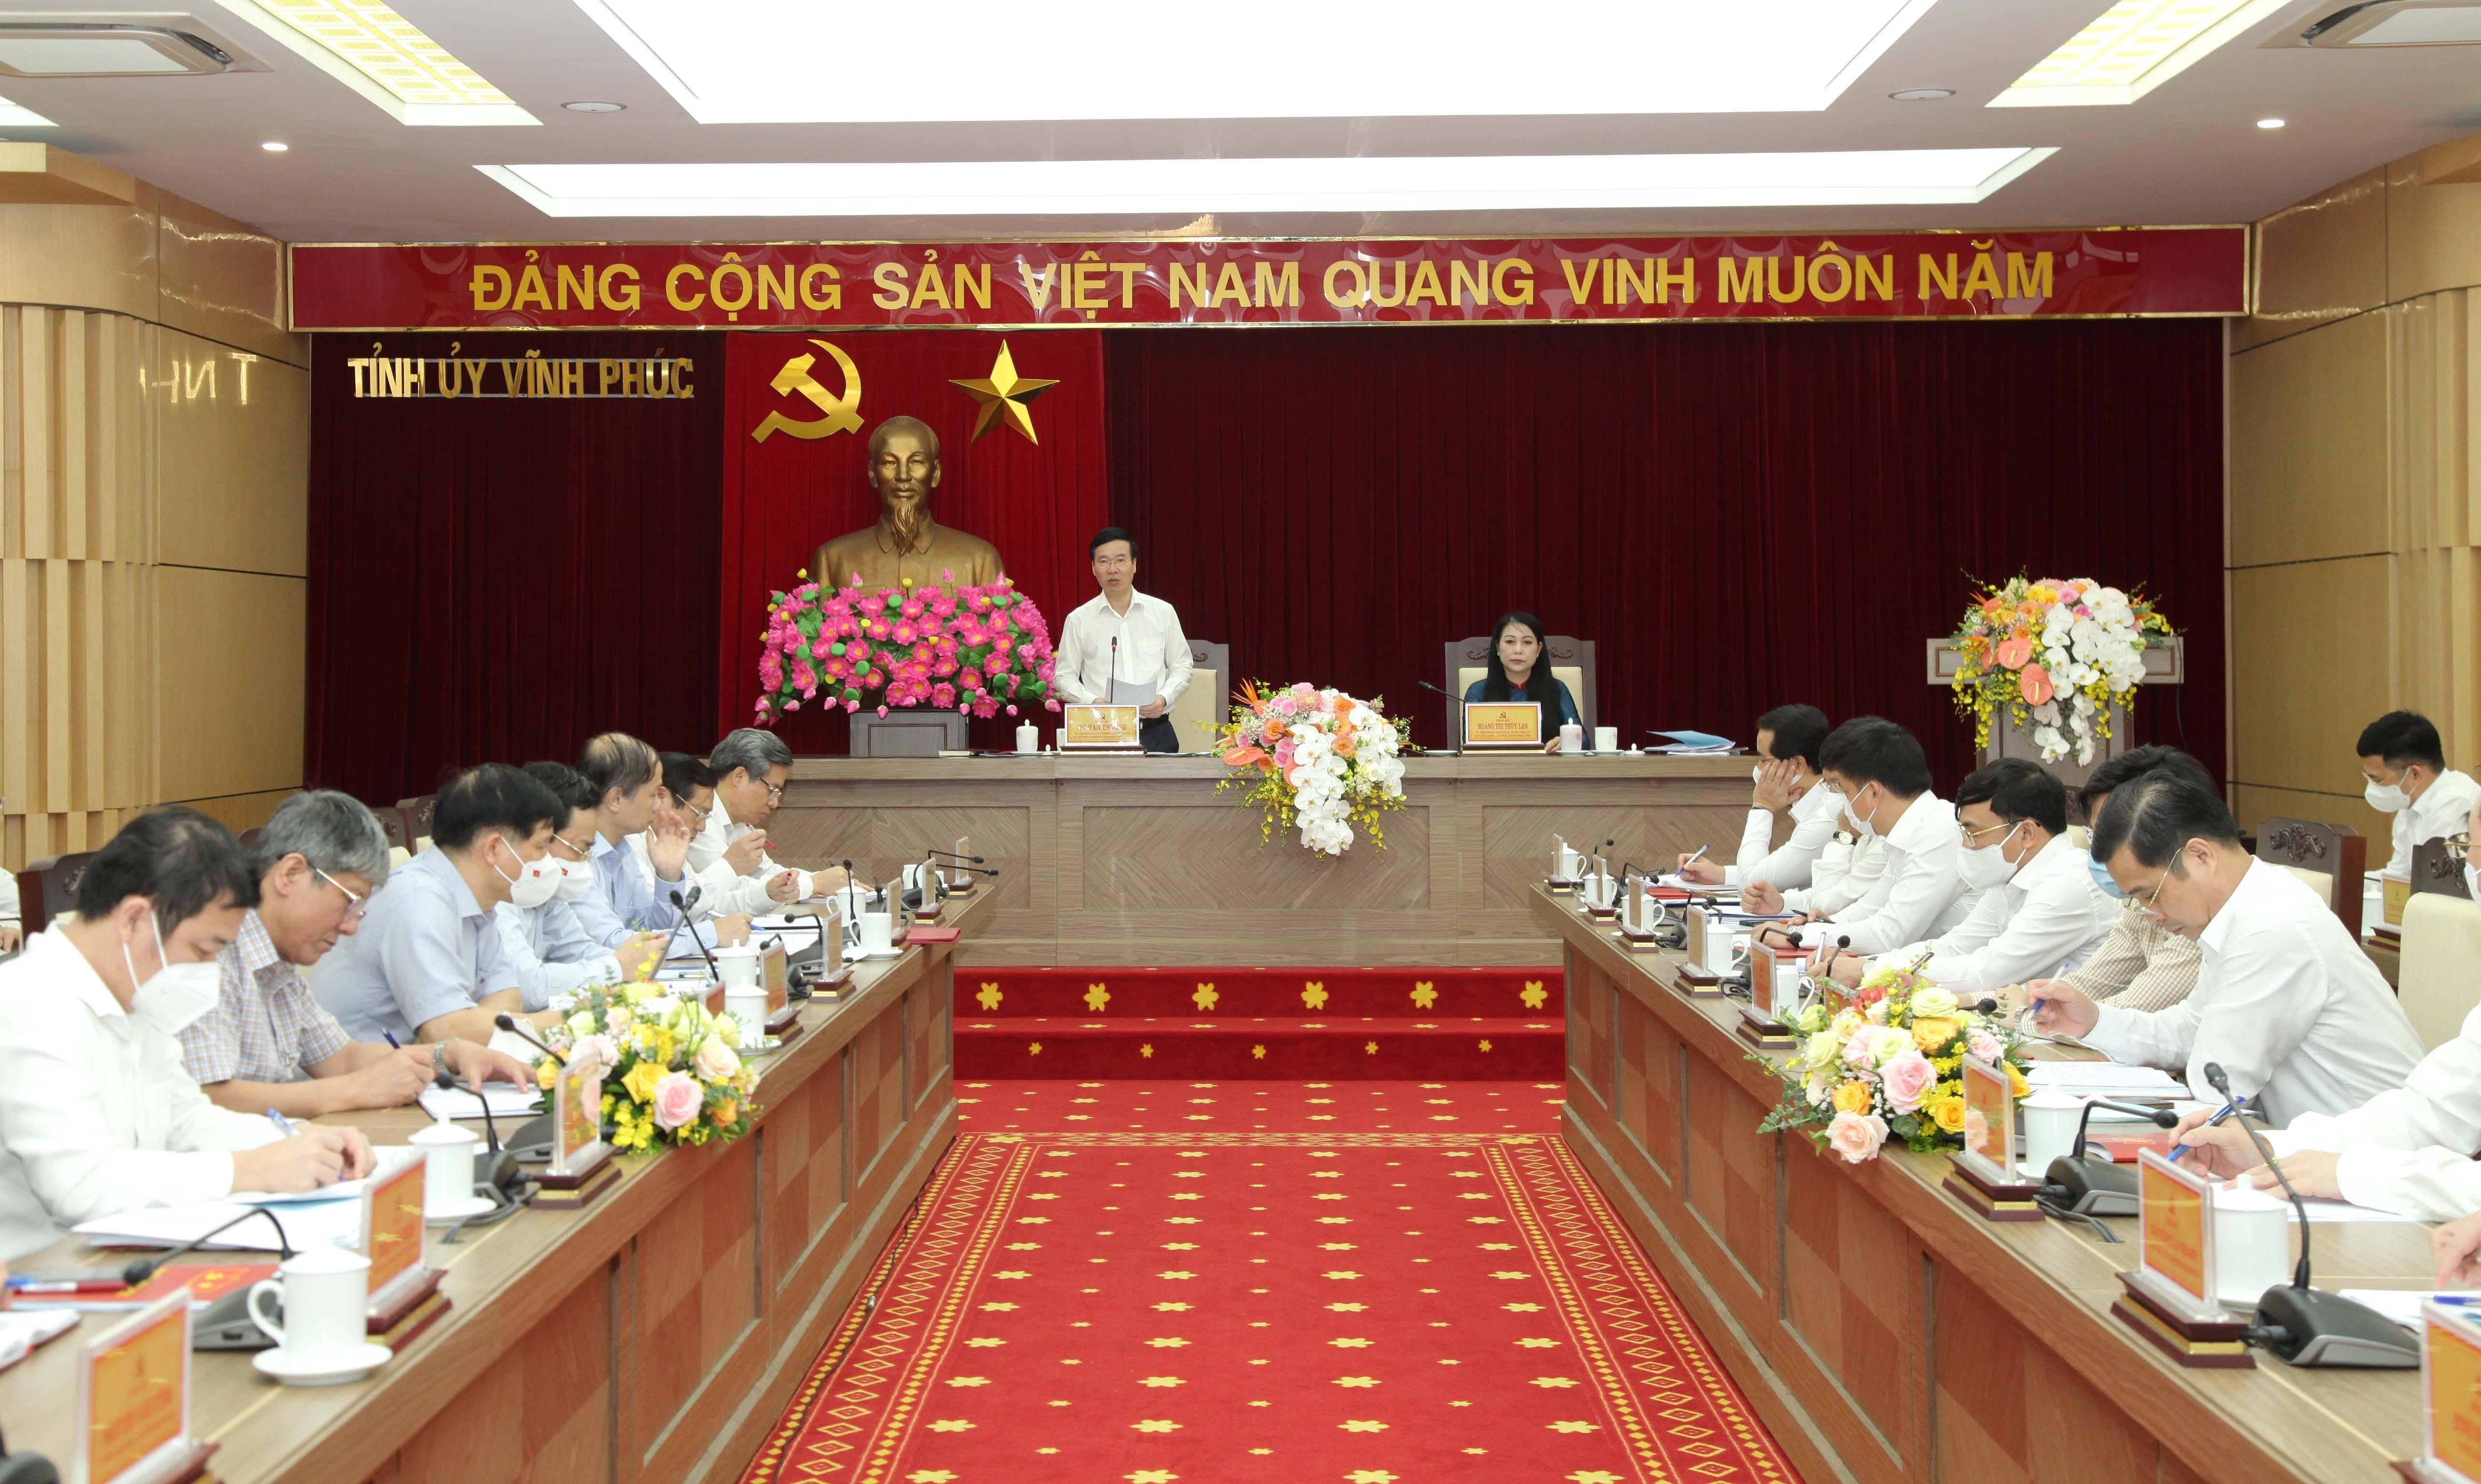 Revisan labores de construccion partidista en localidad vietnamita hinh anh 1